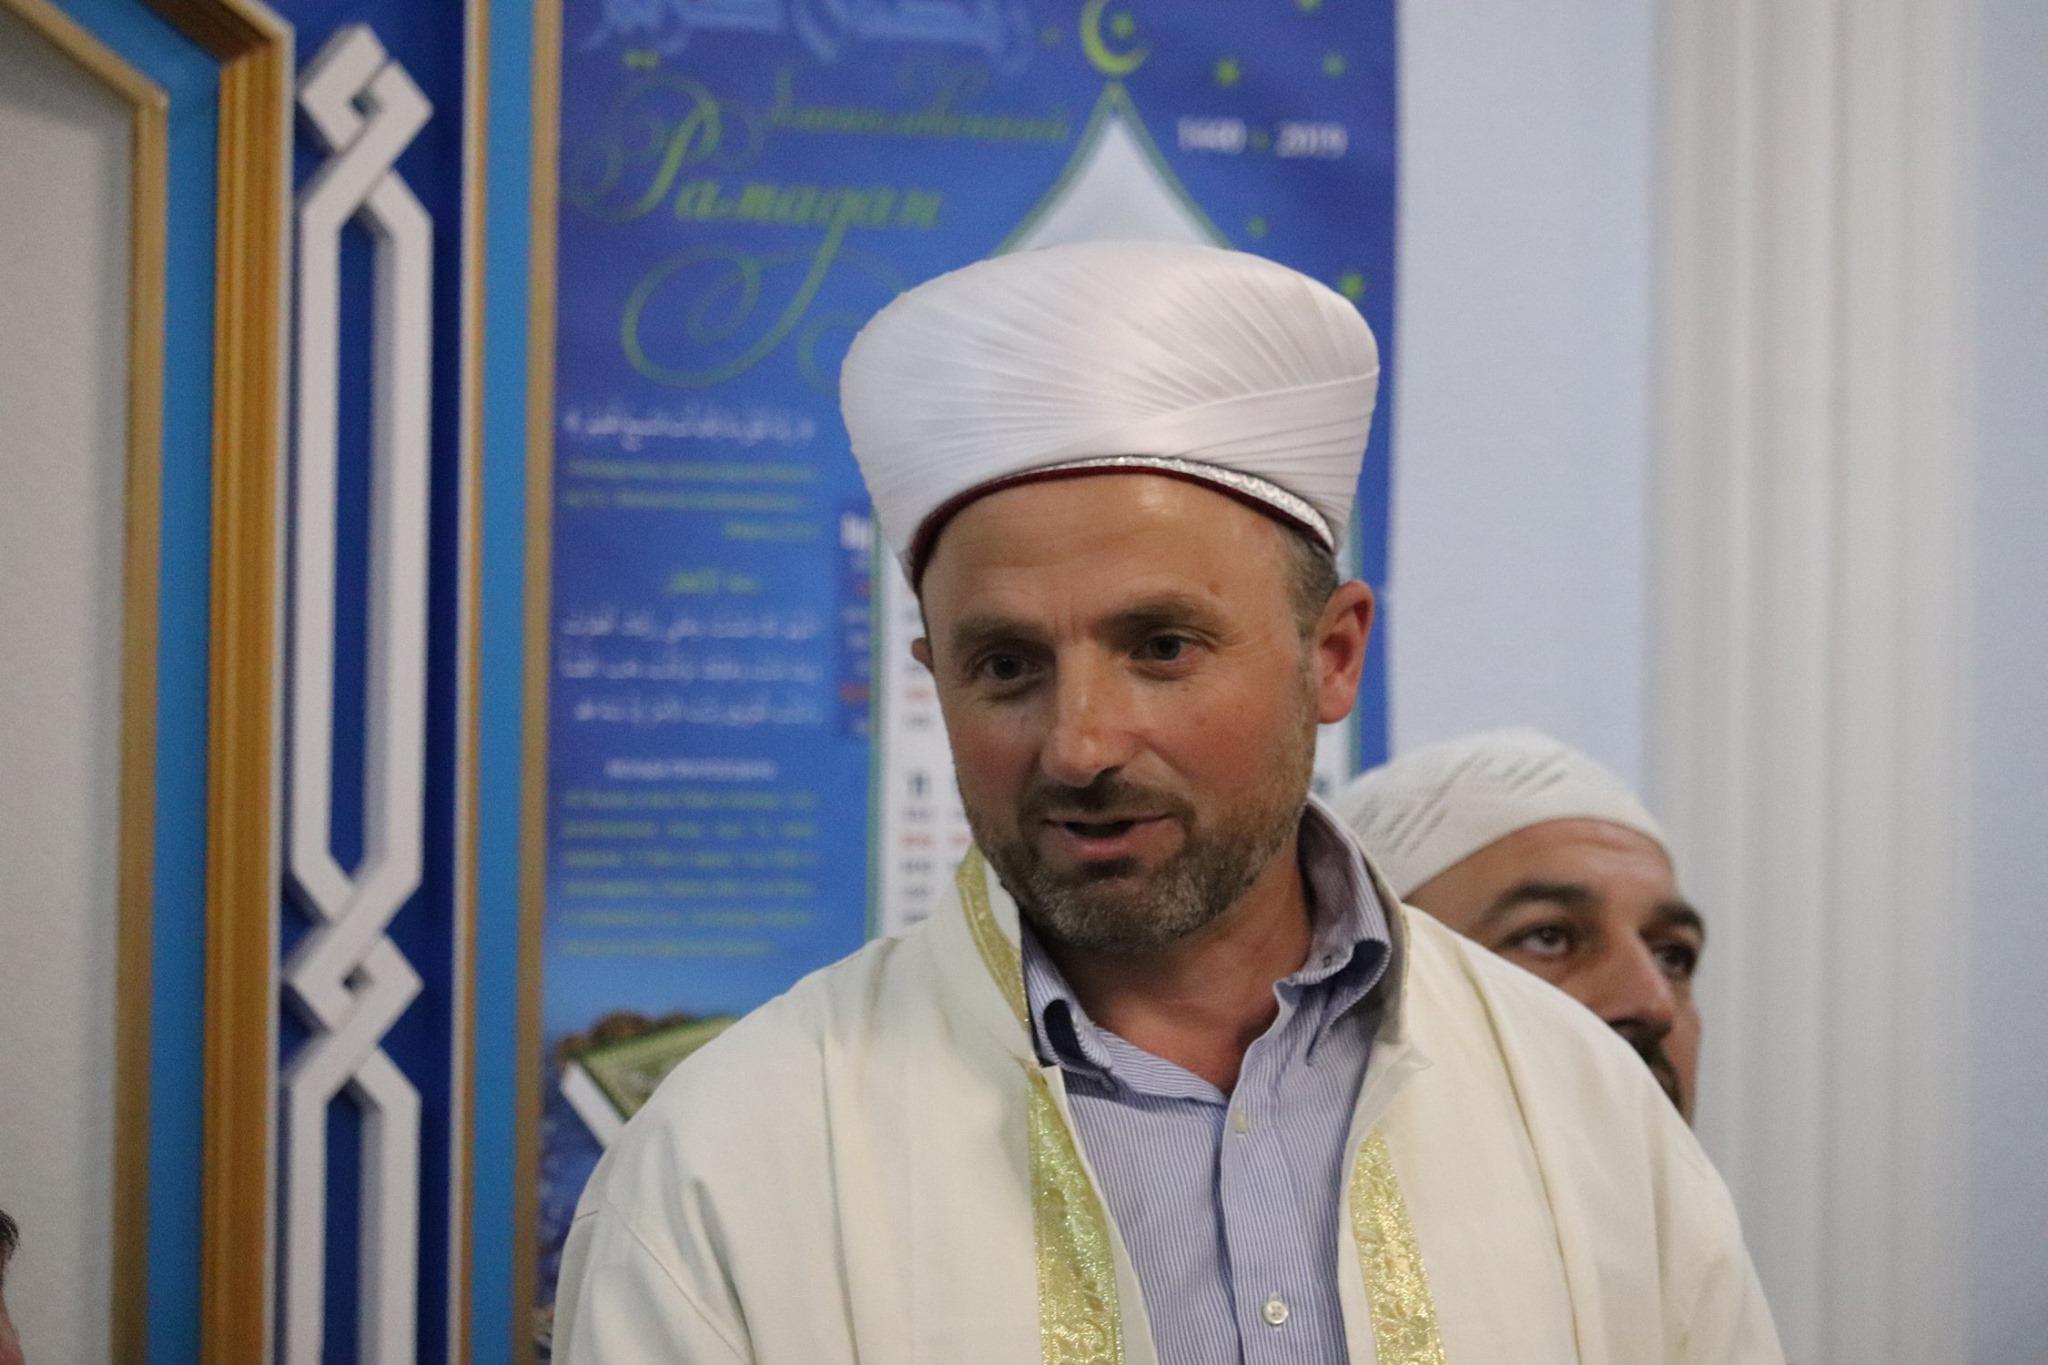 аудитории 20 лет мечети поздравления улица карте города